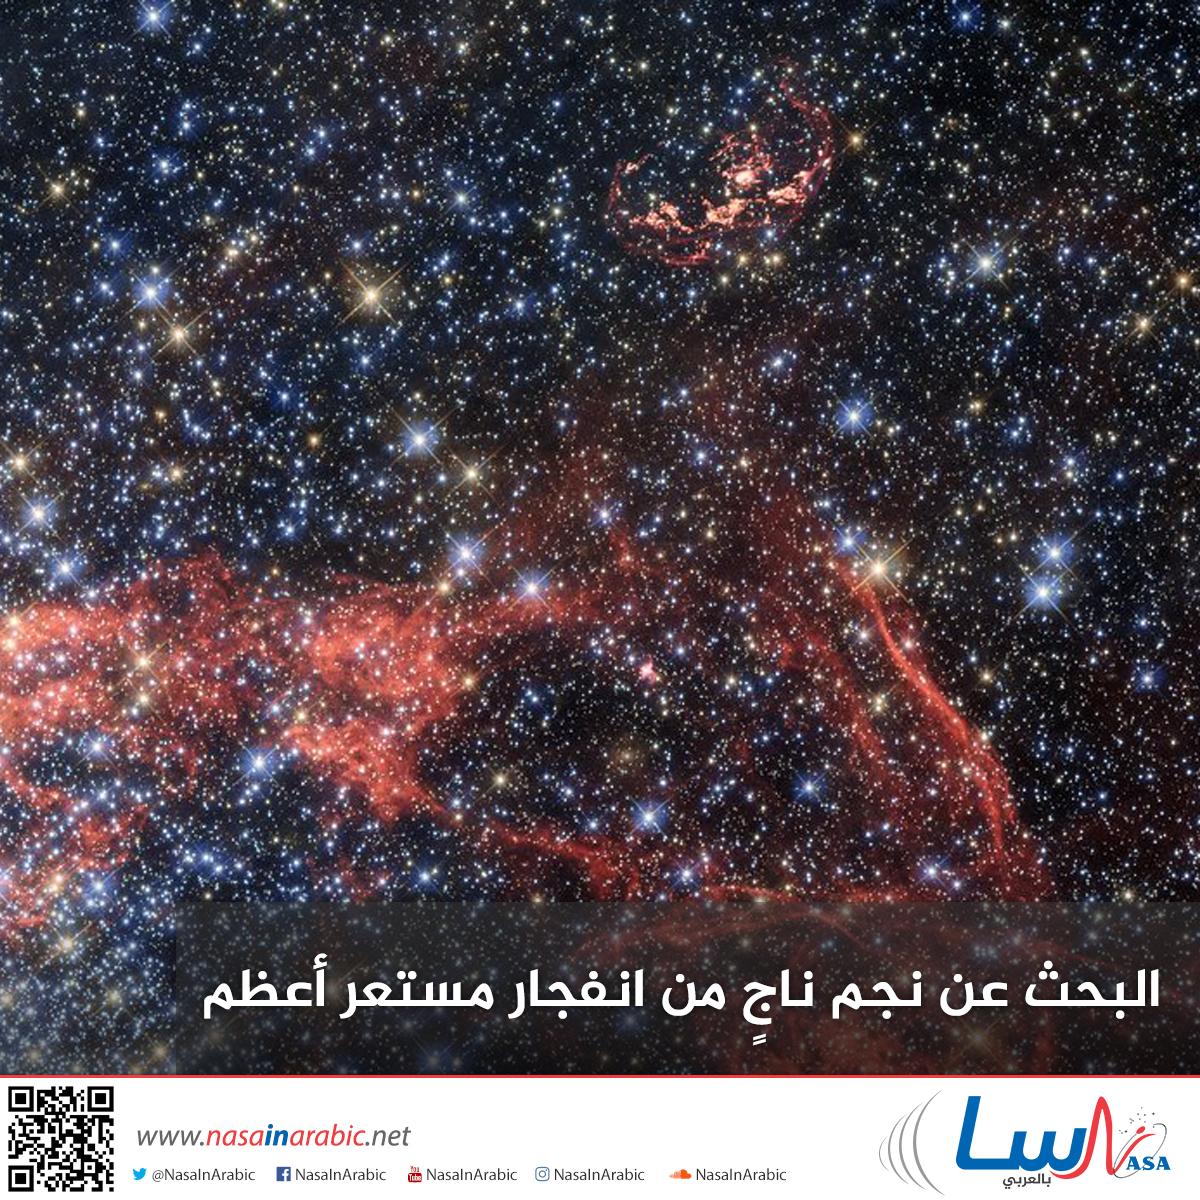 البحث عن نجم ناجٍ من انفجار مستعر أعظم